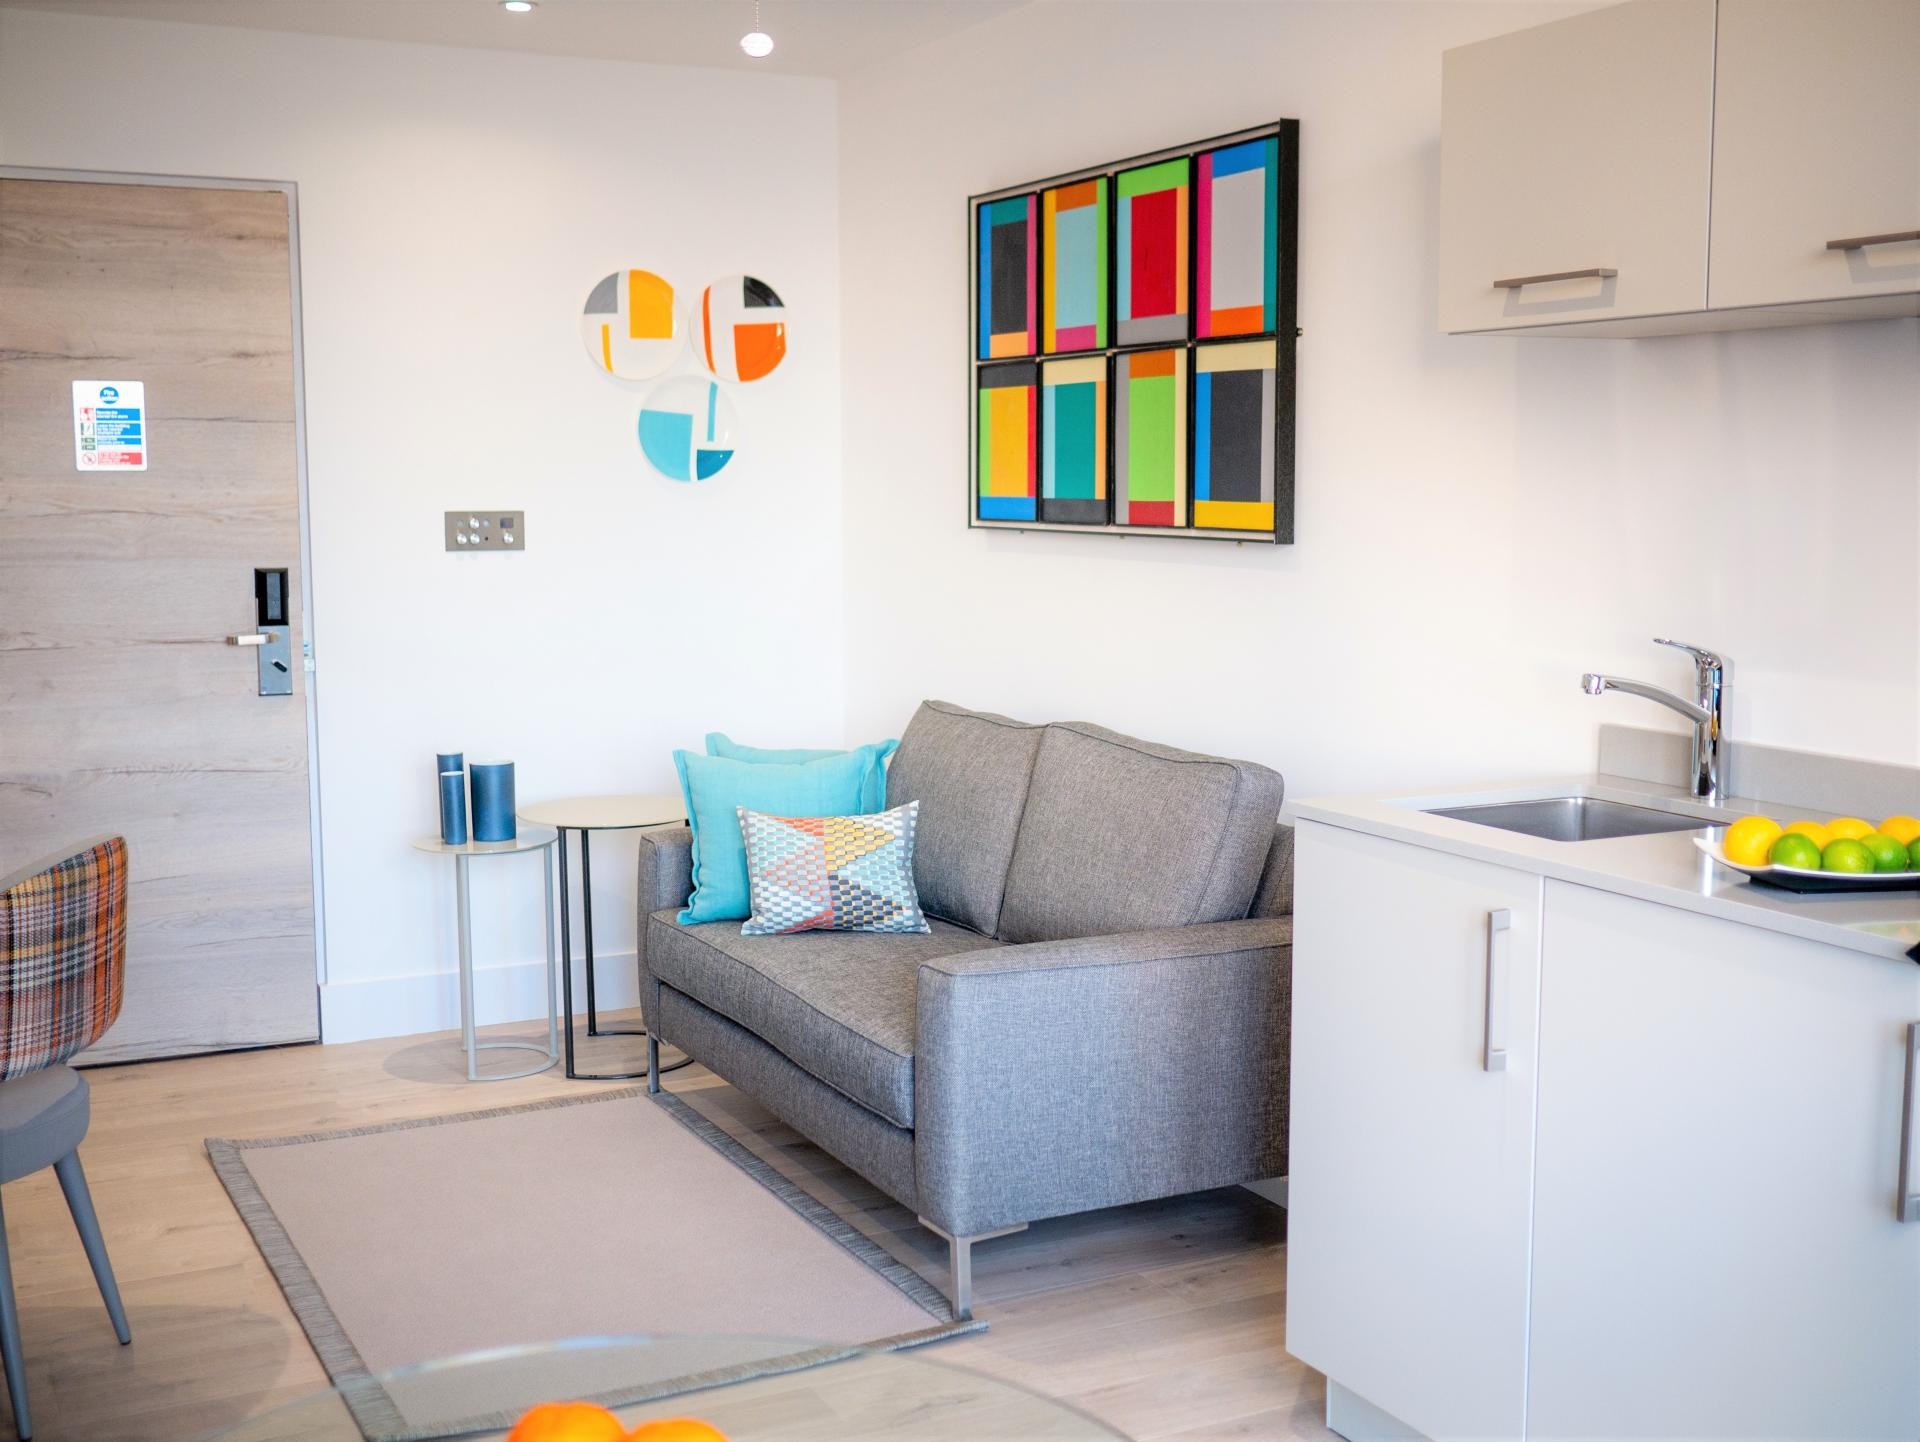 Living Room at Q Square Aparthotel, Centre, Brighton - Citybase Apartments